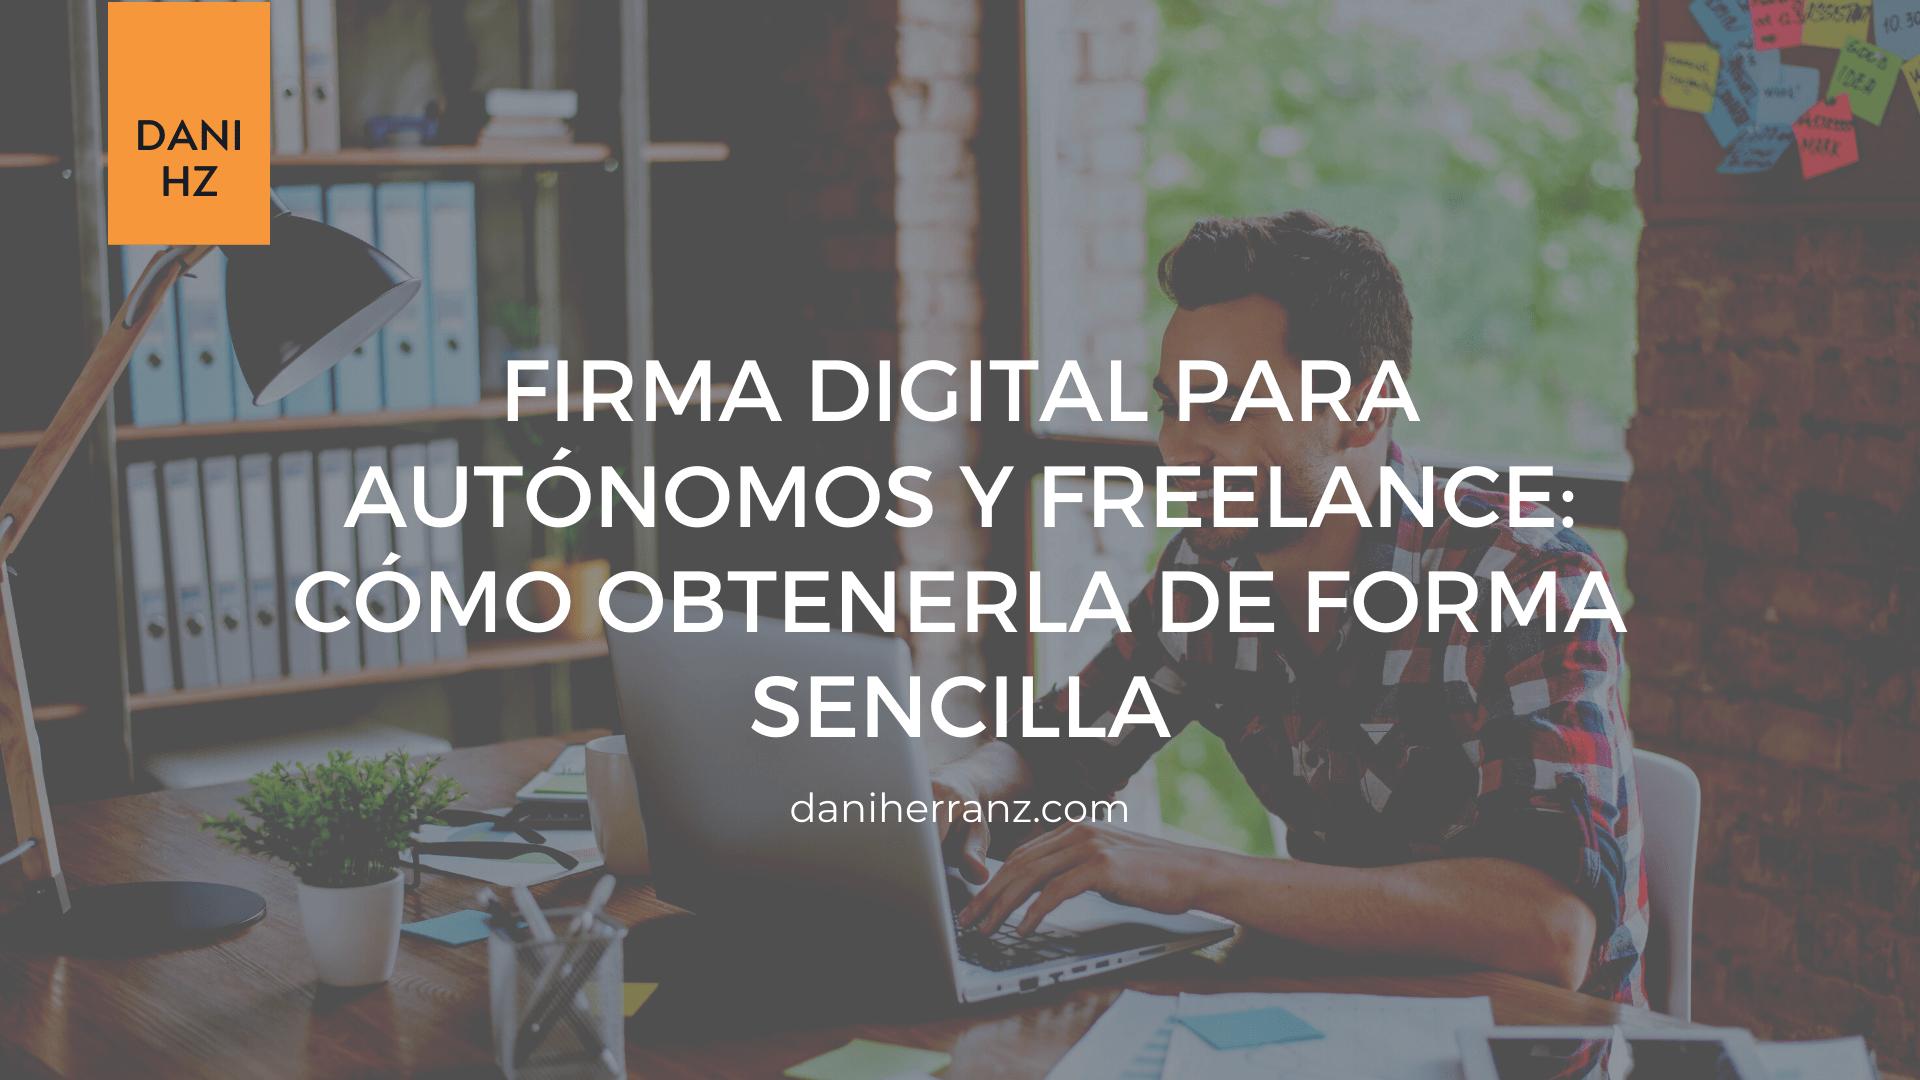 firma digital para autonomos y freelance como obtenerla